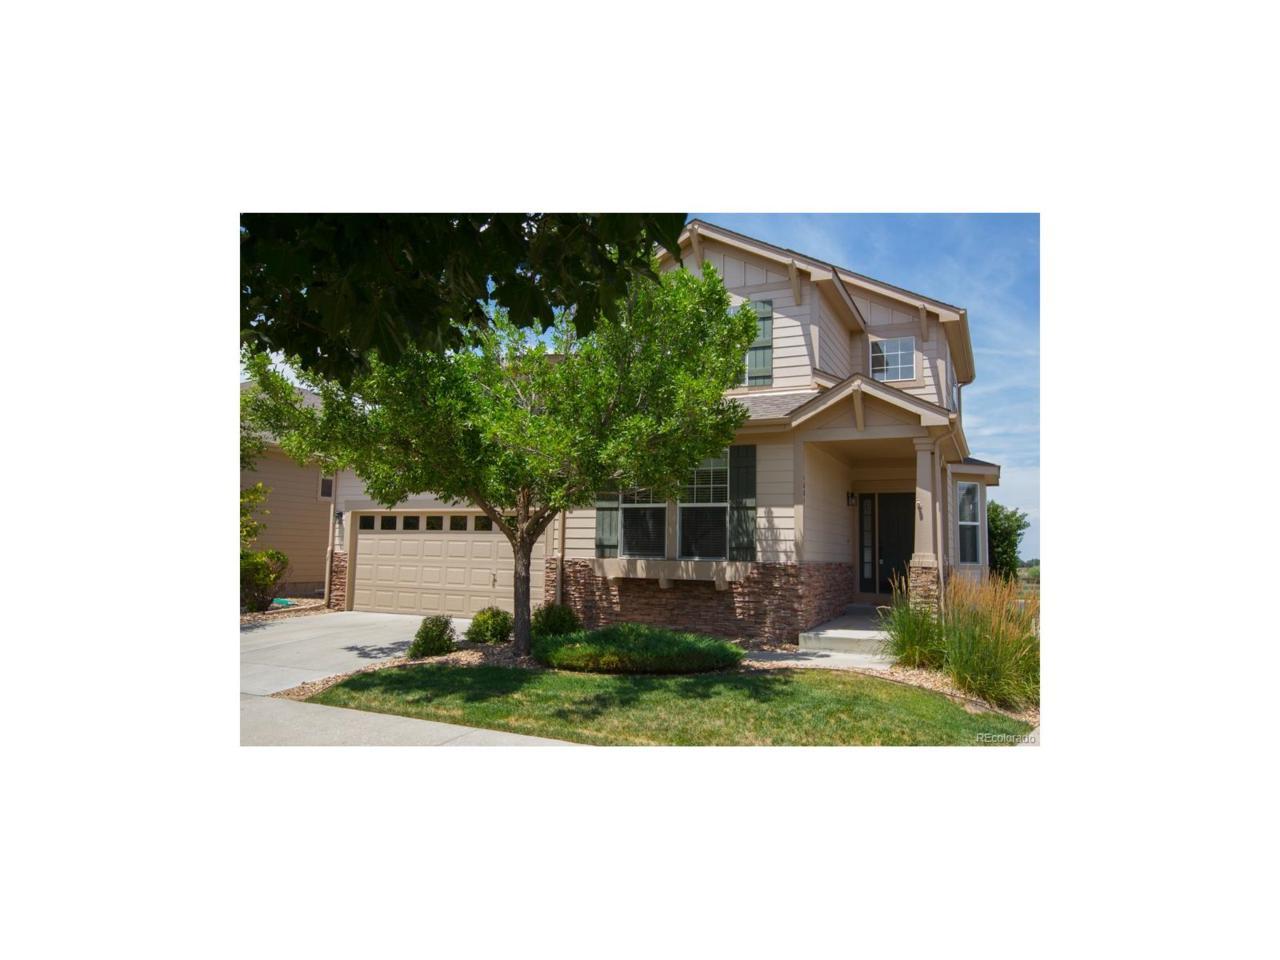 1601 Red Poppy Drive, Brighton, CO 80601 (MLS #3755979) :: 8z Real Estate